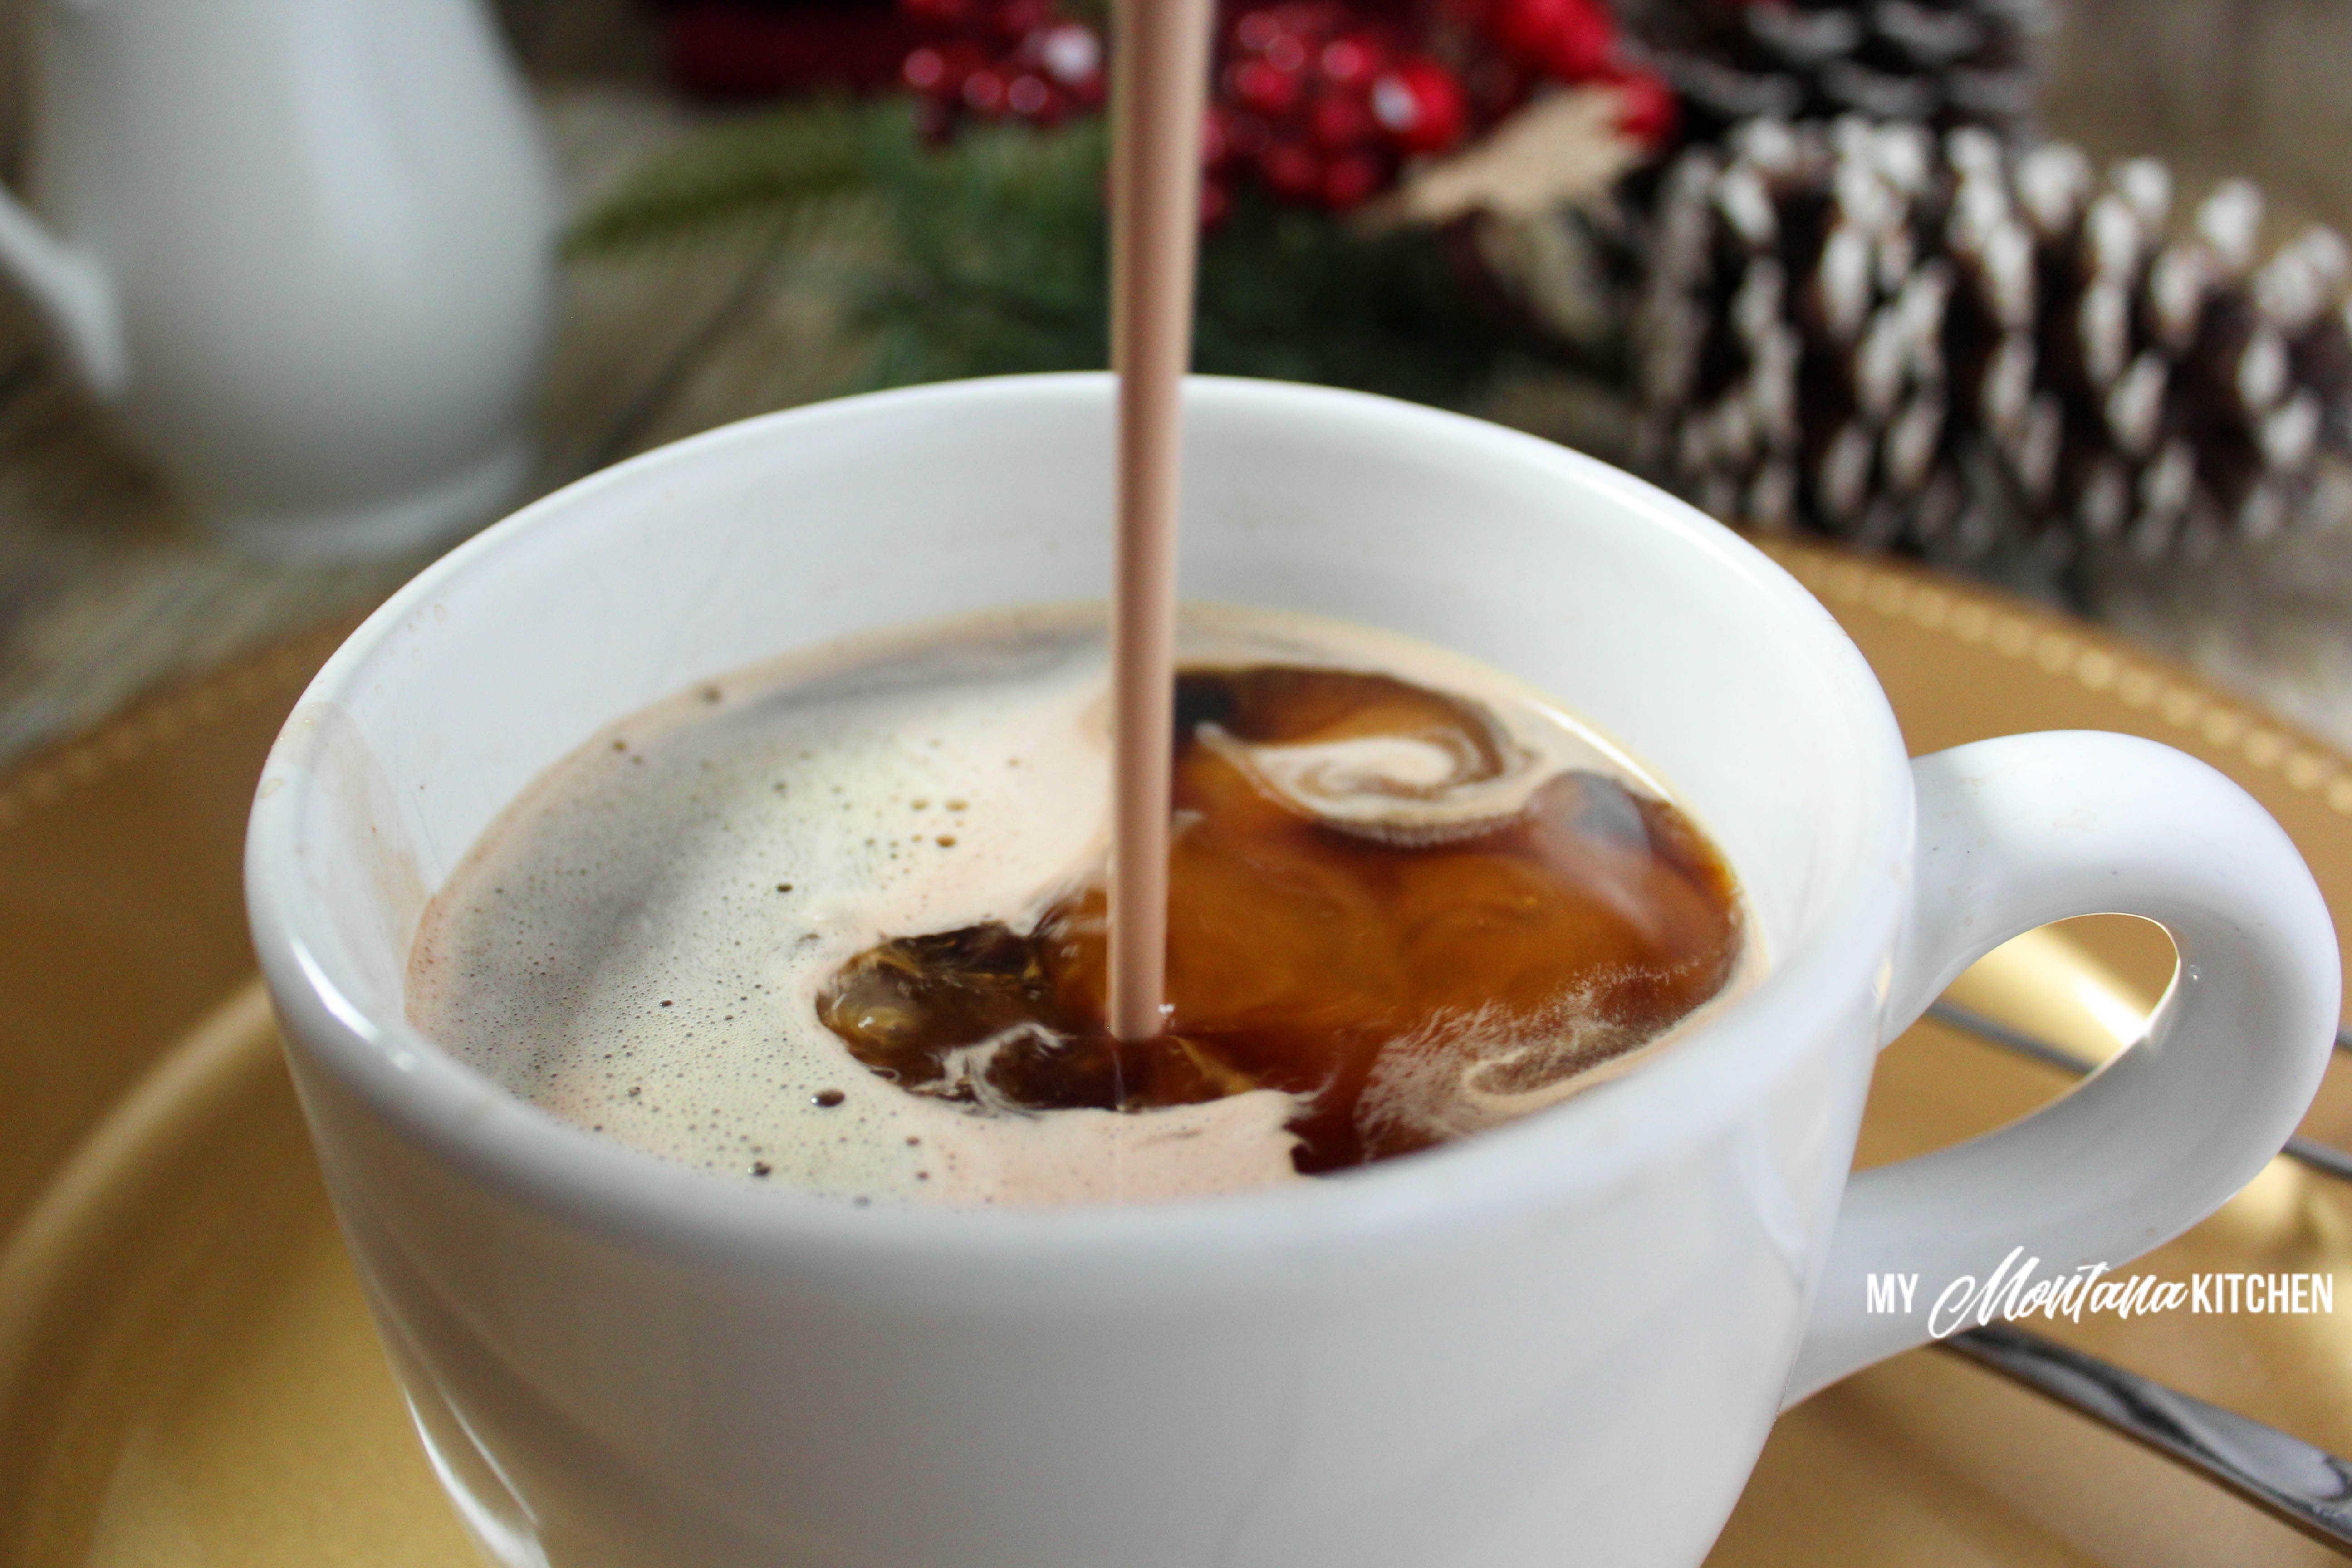 Peppermint Mocha Coffee Creamer (Low Carb, Sugar Free, THM-S) #trimhealthymama #thm #thm-s #coffee #coffeecreamer #peppermint #mocha #lowcarb #sugarfree #peppermintcreamer #lowcarbcoffeecreamer